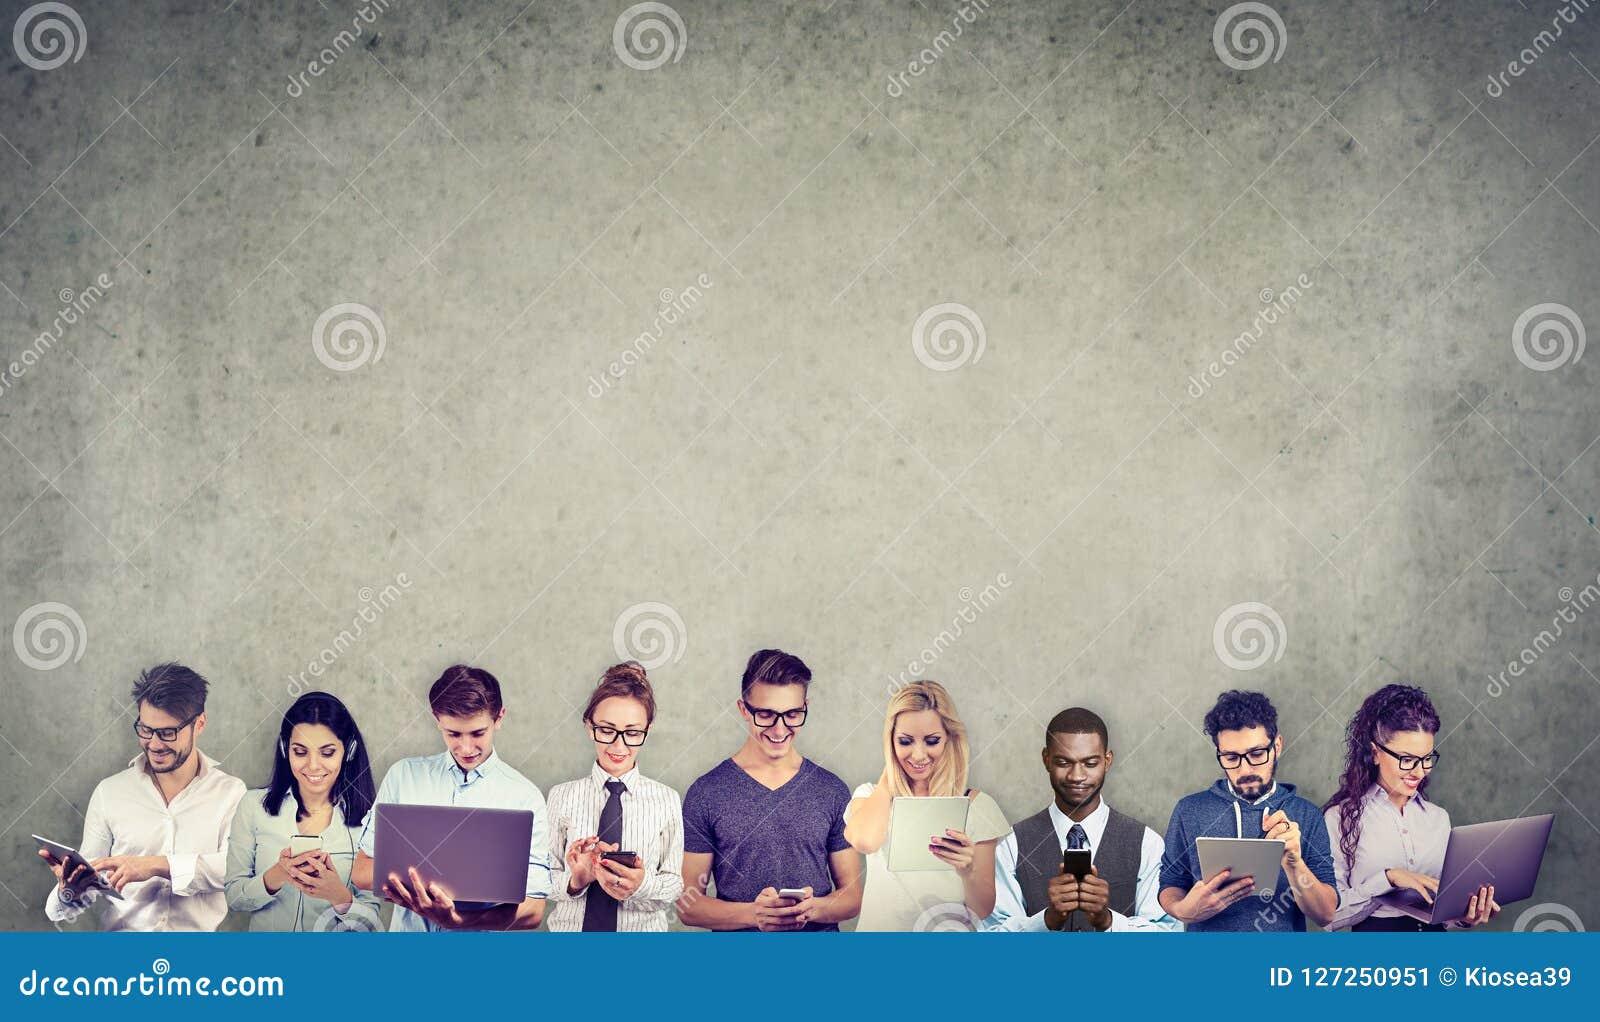 O grupo de povos multiculturais conectou usando dispositivos móveis digitais